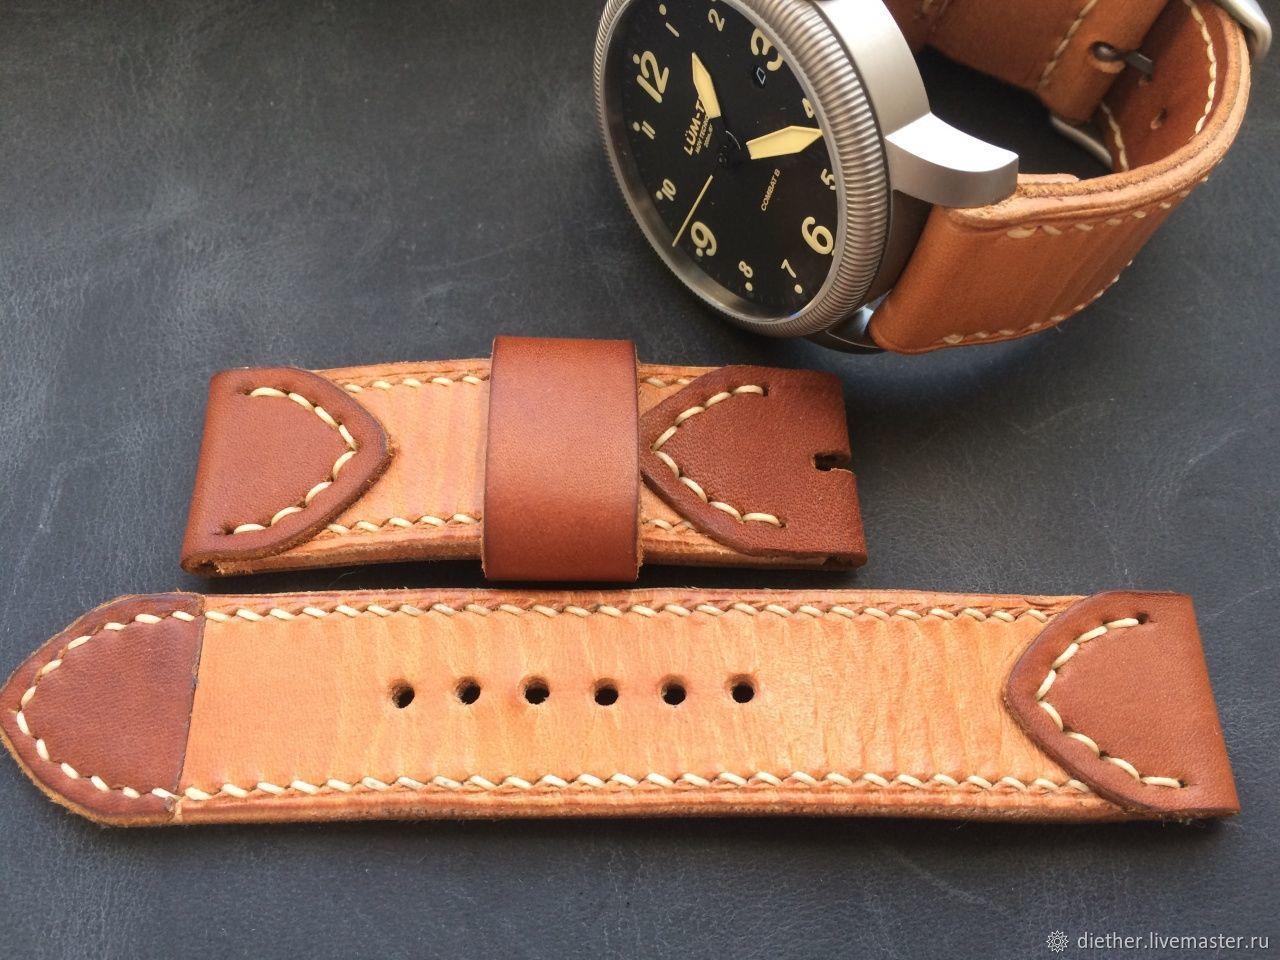 Ремень для часов кожаный пермь купивип ремни мужские